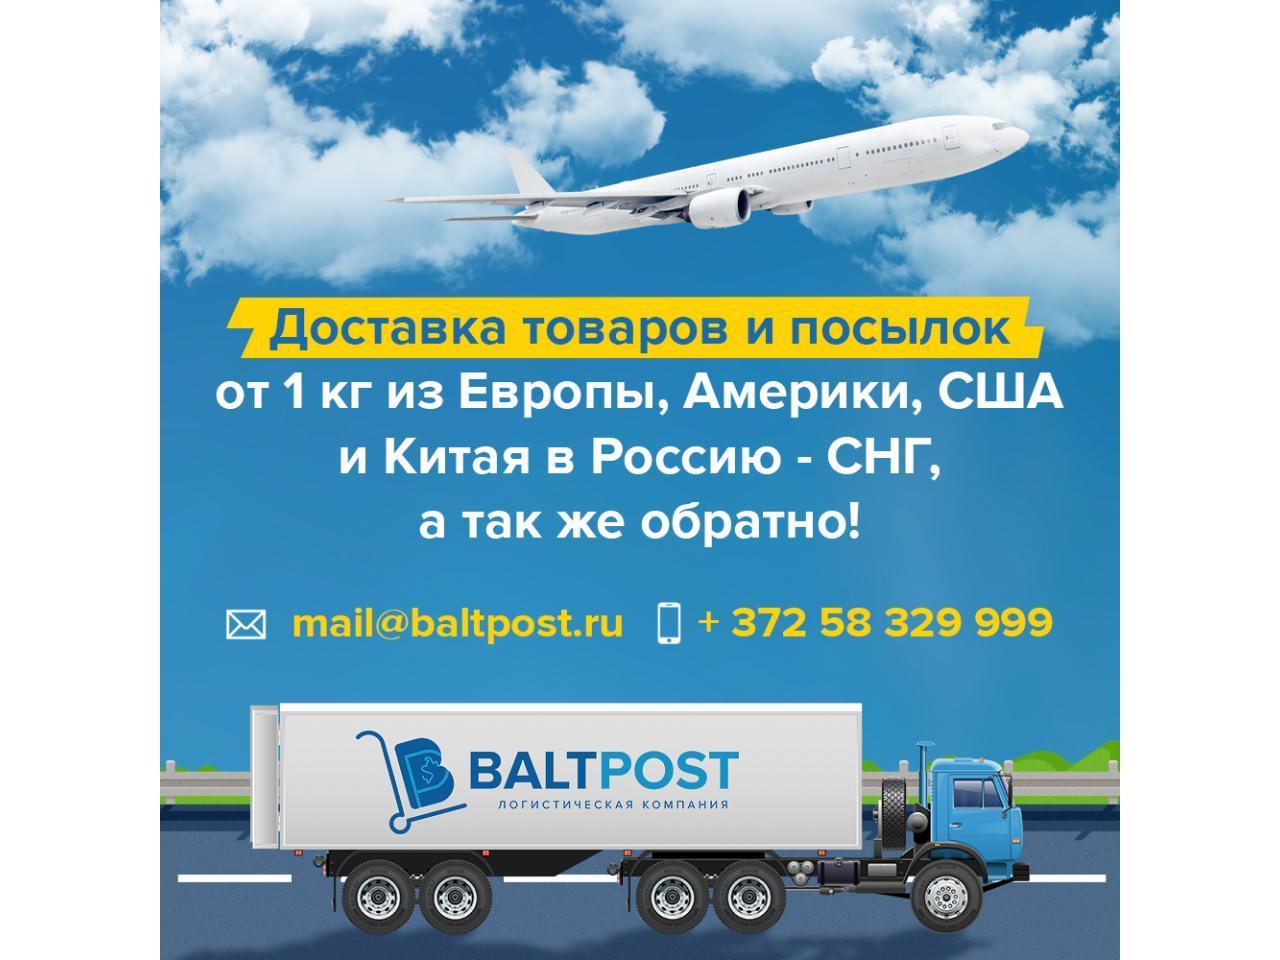 Доставка товаров и посылок от 1кг в Англия и СНГ - 1